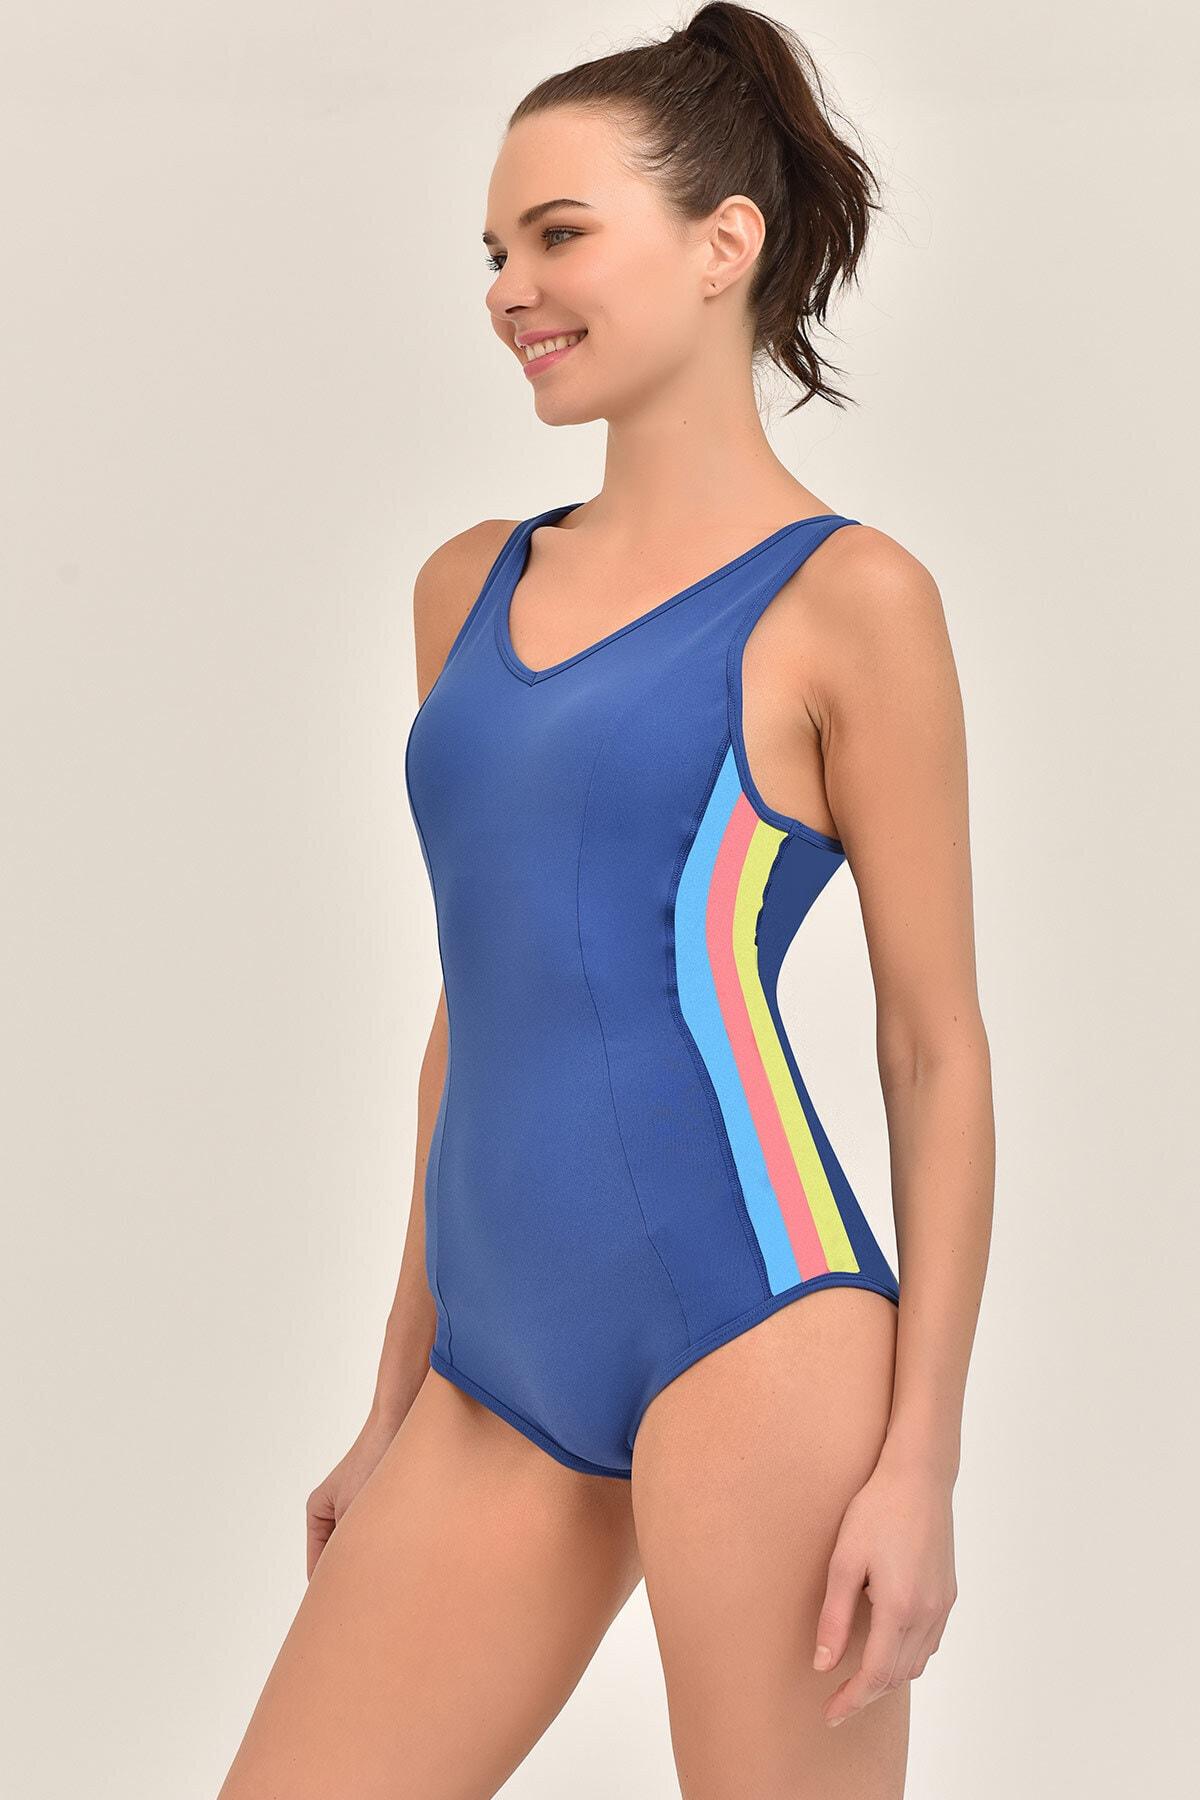 bilcee Mavi Kadın Alttan Çıt Çıtlı Spor Mayo GS-8061 1